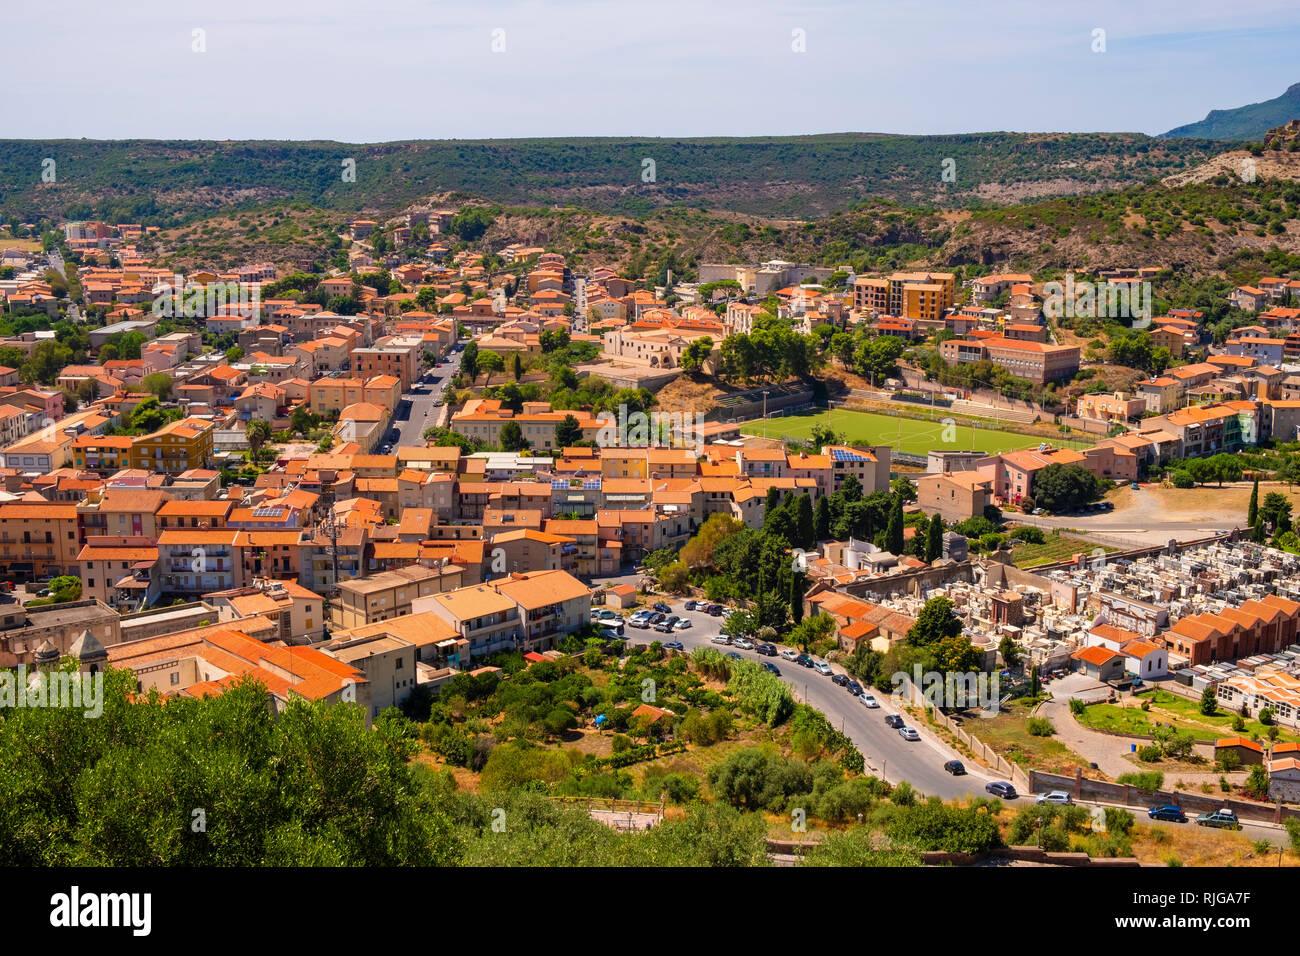 Bosa, Cerdeña / Italia - 2018/08/13: Vista panorámica de la ciudad de Bosa y colinas circundantes visto desde la colina del castillo Malaspina Foto de stock